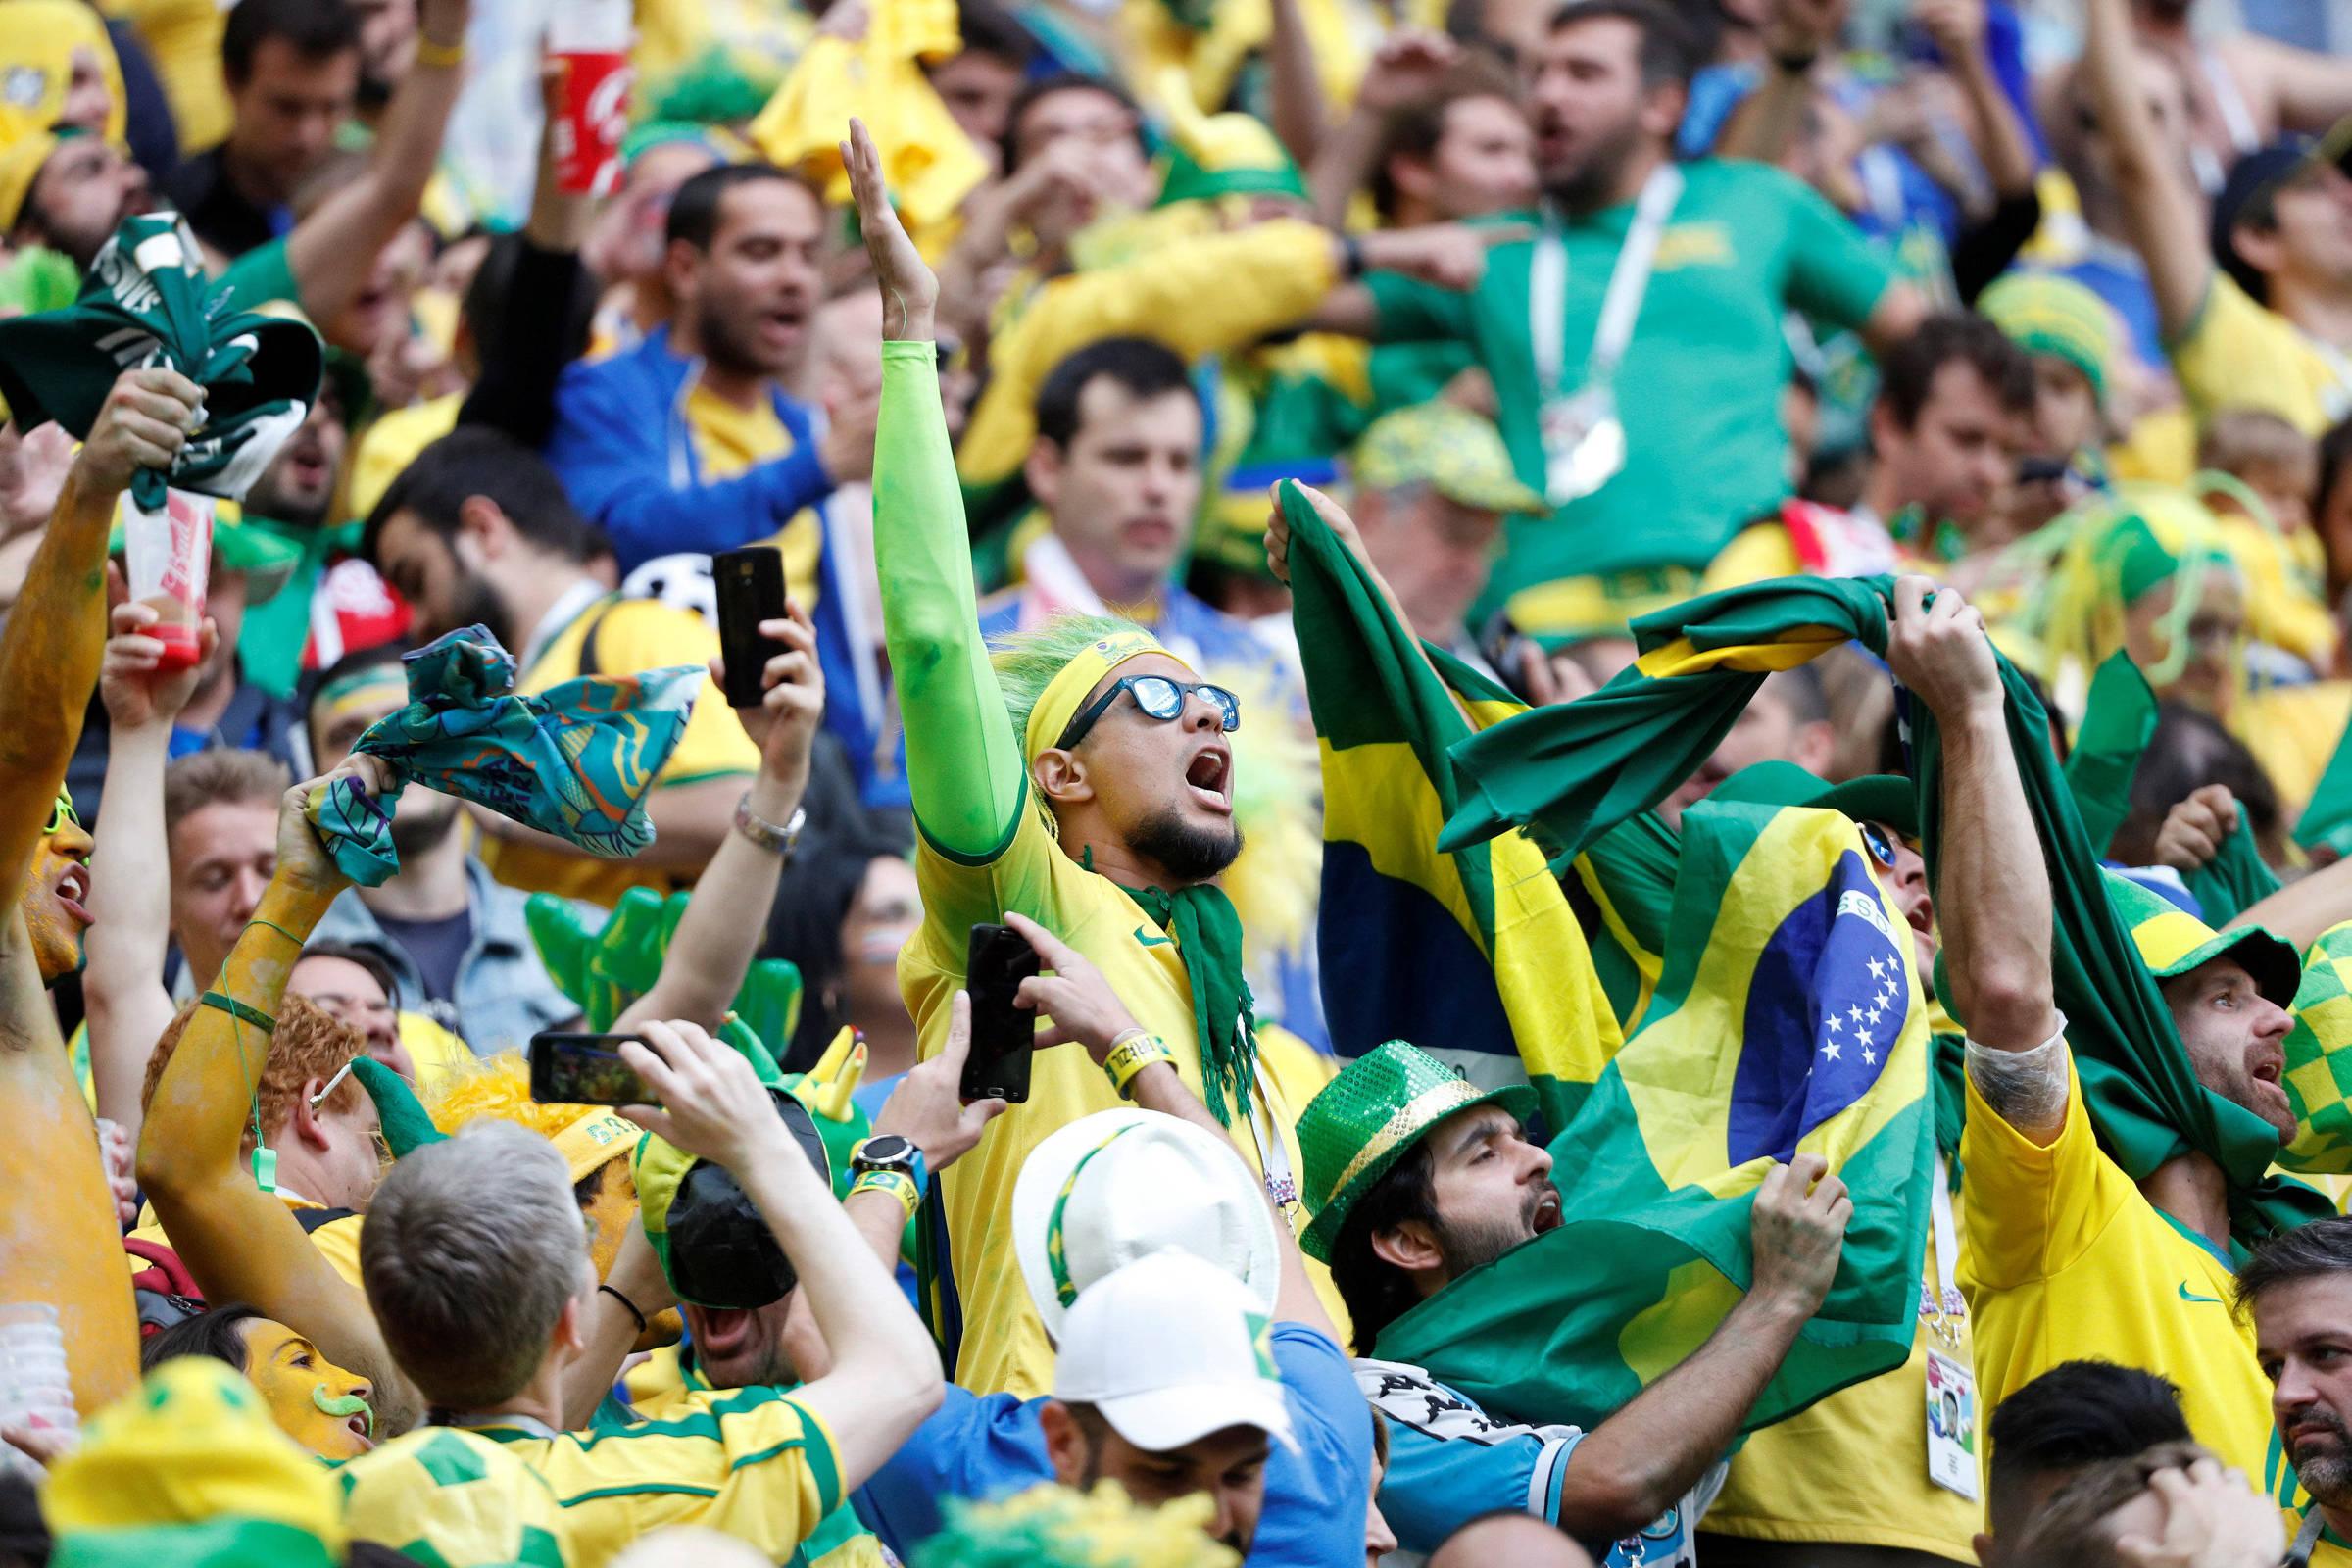 Torcida acorda após gol de Coutinho e grita  olé  em arquibancada russa -  22 06 2018 - Esporte - Folha 5ce76094ae87f